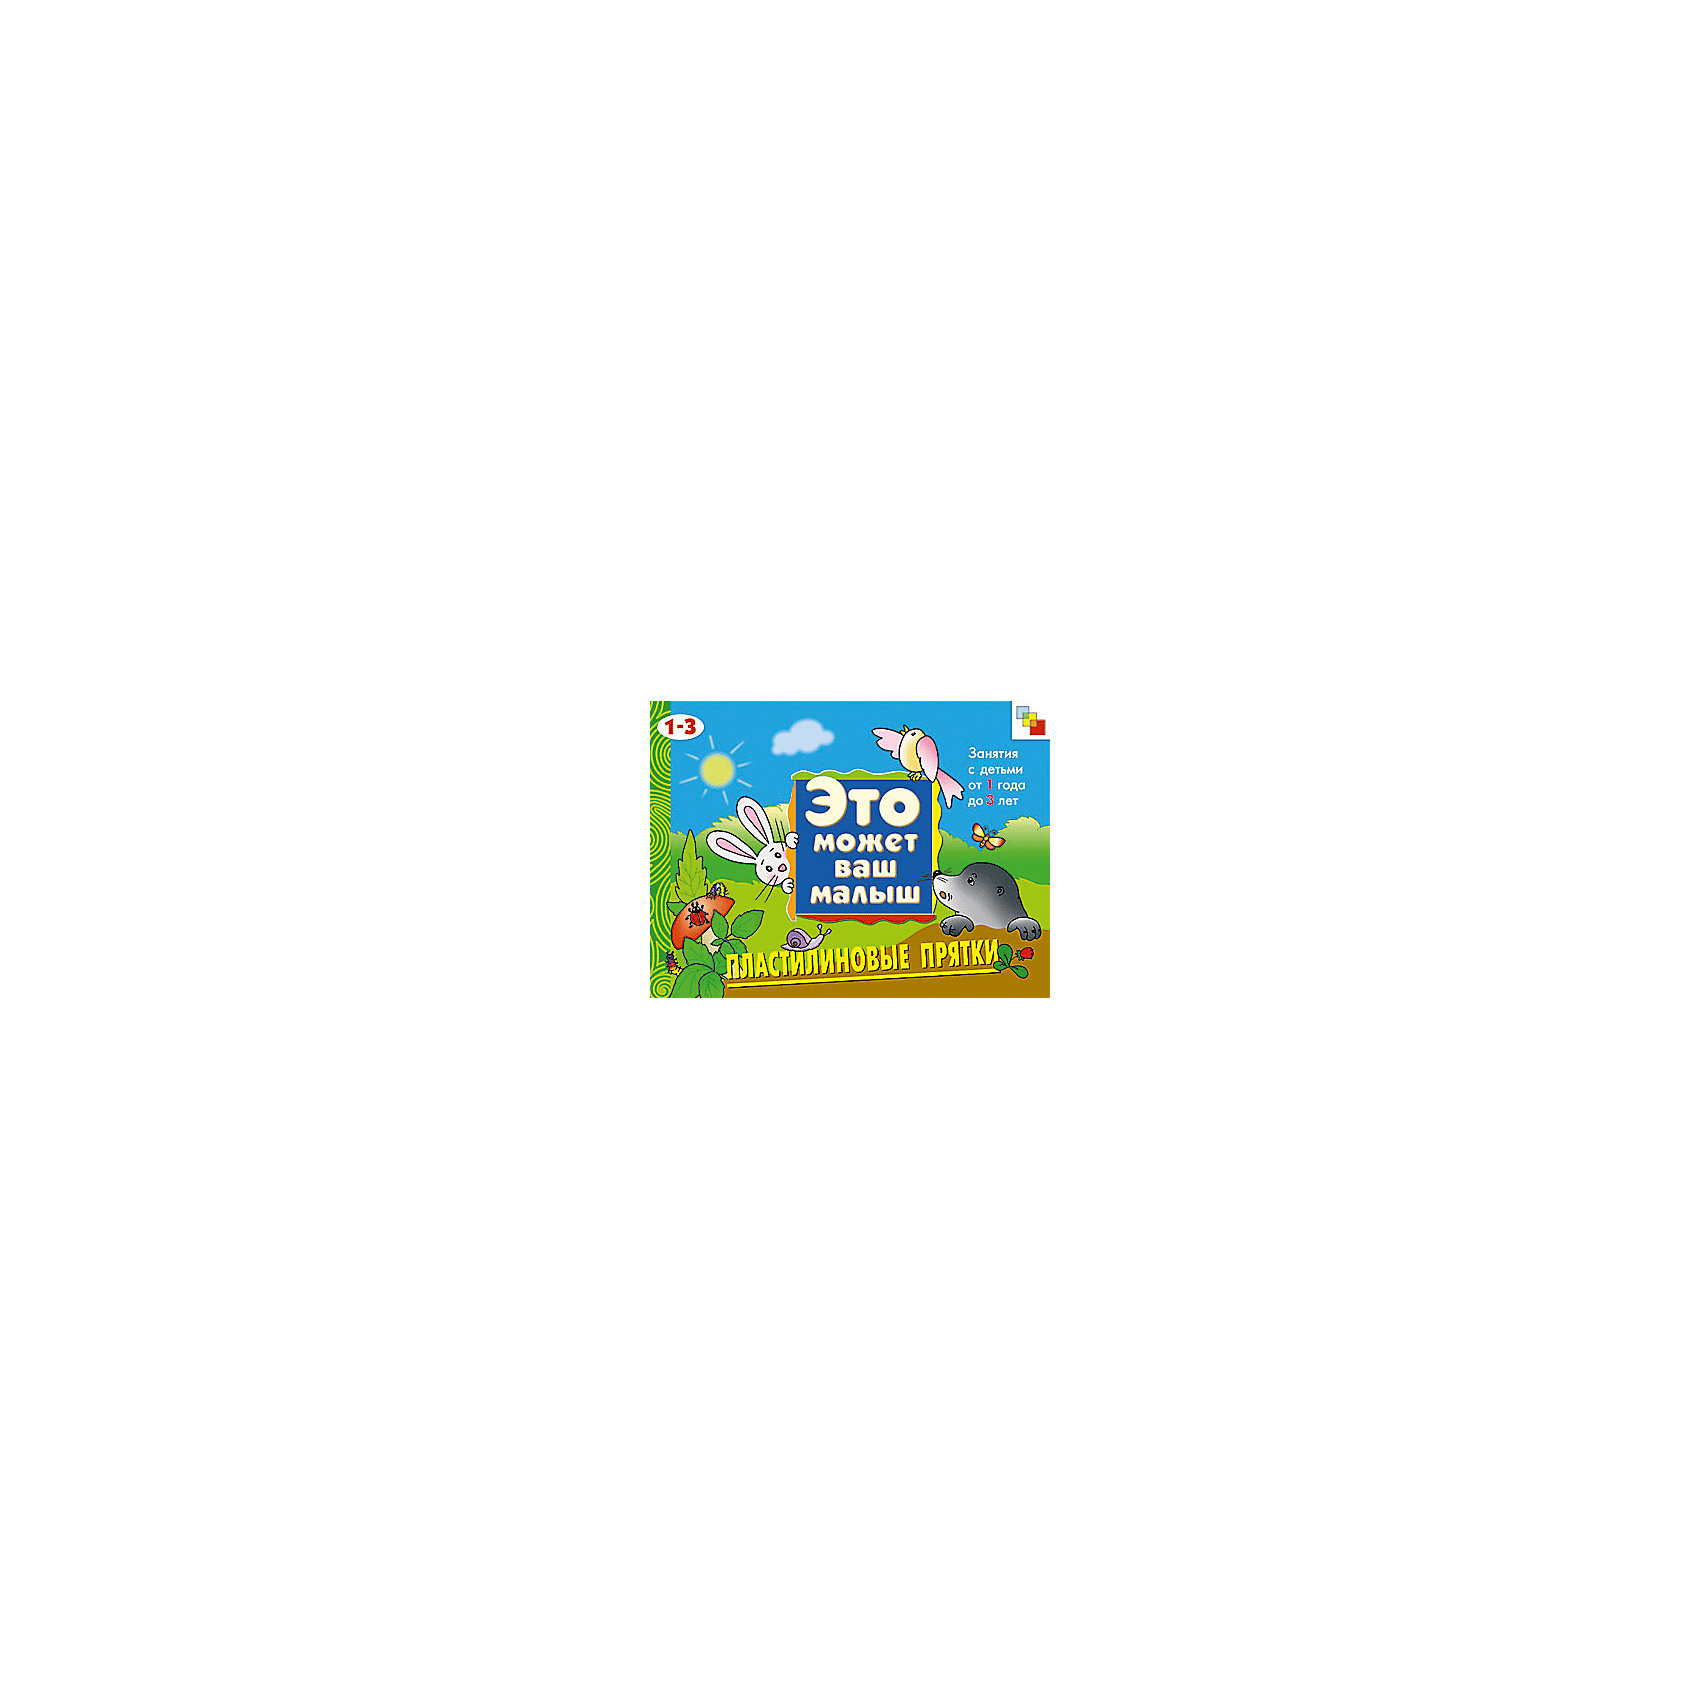 Пластилиновые прятки, Это может Ваш малышХарактеристики пластилиновых пряток:<br><br>• возраст: от 1 до 3 лет<br>• пол: для мальчиков и девочек<br>• материал: бумага.<br>• количество страниц: 12.<br>• размер игрушки: 21.6 x 29 x 2 см.<br>• переплет: мягкий.<br>• иллюстрации: цветные.<br>• бренд: Мозаика-Синтез<br>• страна обладатель бренда: Россия.<br><br>Художественный альбом Пластилиновые прятки обязательно привлечет внимание малыша. Это яркая интересная книжка, которая поможет ребенку познать окружающий мир, изучить новые слова и формы. Отщипывая пластилин и вдавливая его в иллюстрации книжки, ребенок сможет создавать простые и понятные для его возраста картинки. <br><br>Такого рода занятия развивают фантазию и художественный вкус, поскольку малыш сам решает куда именно приклеить кусочек пластилина. Выполняя задания, напечатанные на страничке, ребенок может присыпать снегом берлогу медведя или спрятать птичку в зеленой листве. Пластилин в комплект не входит. <br><br>Пластилиновые прятки серии Это может Ваш малыш от торговой компании Мозаика-Синтез можно купить в нашем интернет-магазине.<br><br>Ширина мм: 2<br>Глубина мм: 290<br>Высота мм: 215<br>Вес г: 130<br>Возраст от месяцев: 12<br>Возраст до месяцев: 36<br>Пол: Унисекс<br>Возраст: Детский<br>SKU: 5362833